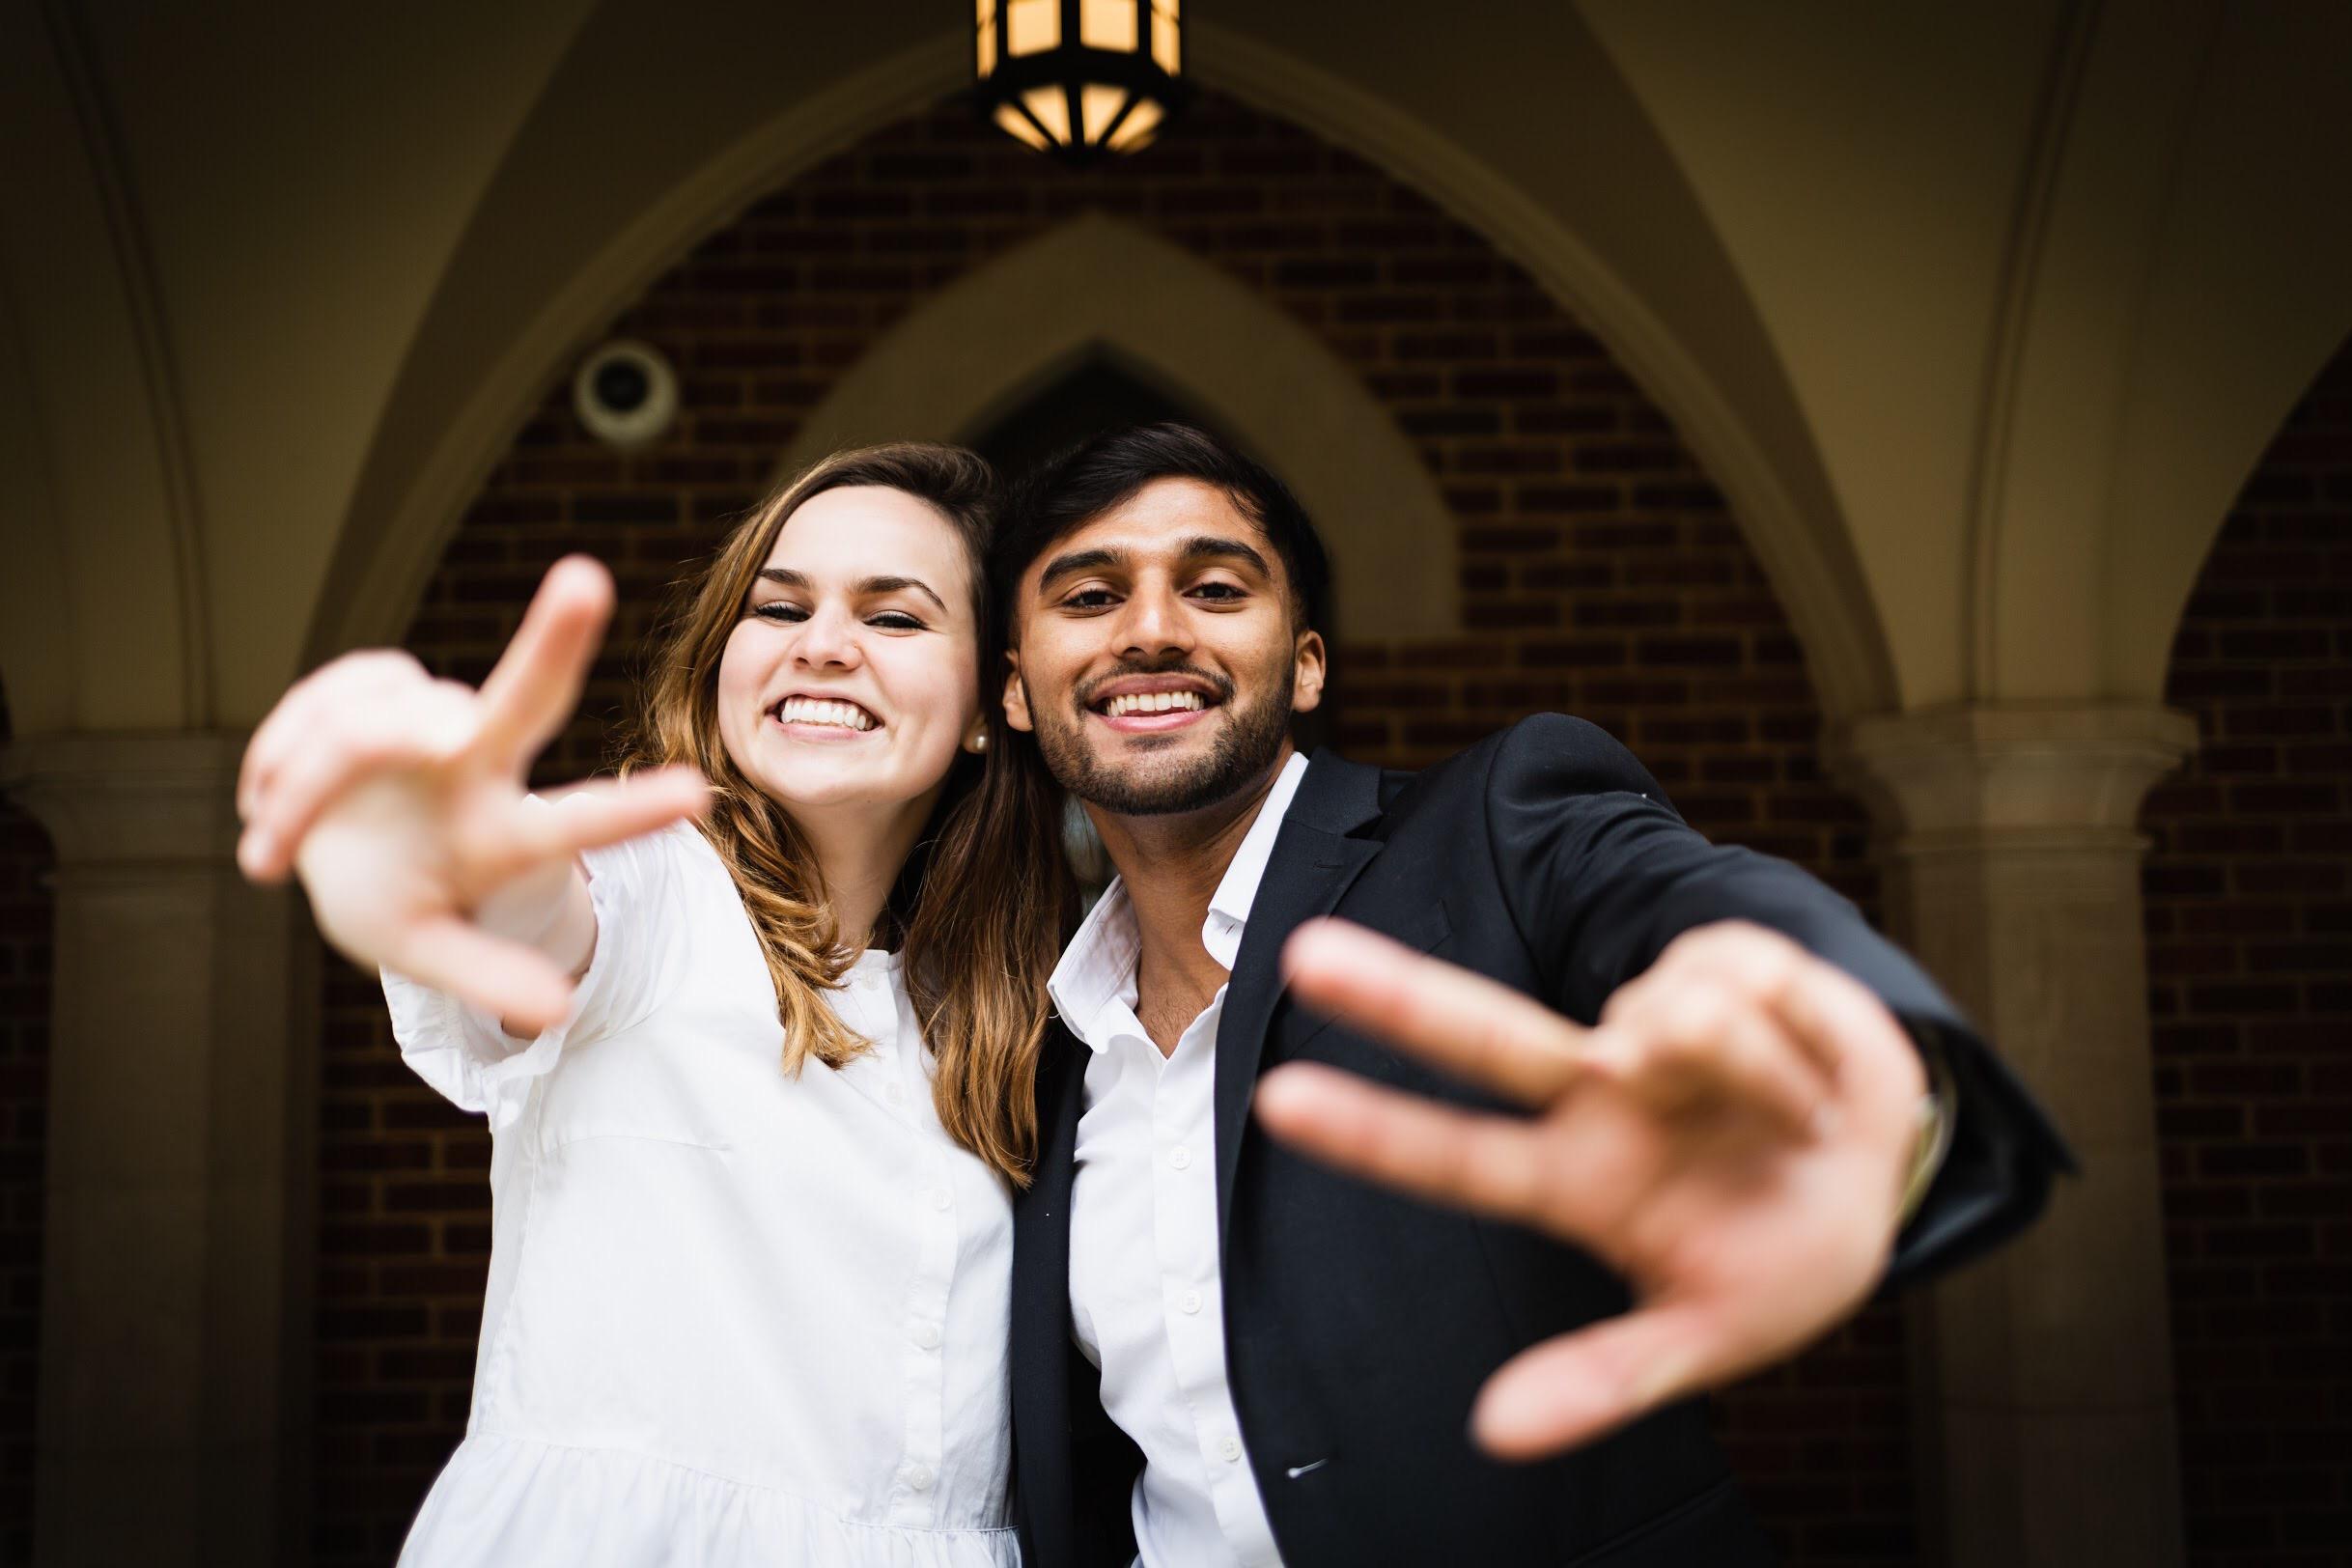 VSG 2019-20 Student Body President Frances Burton (left) and Vice President Veer Shah.